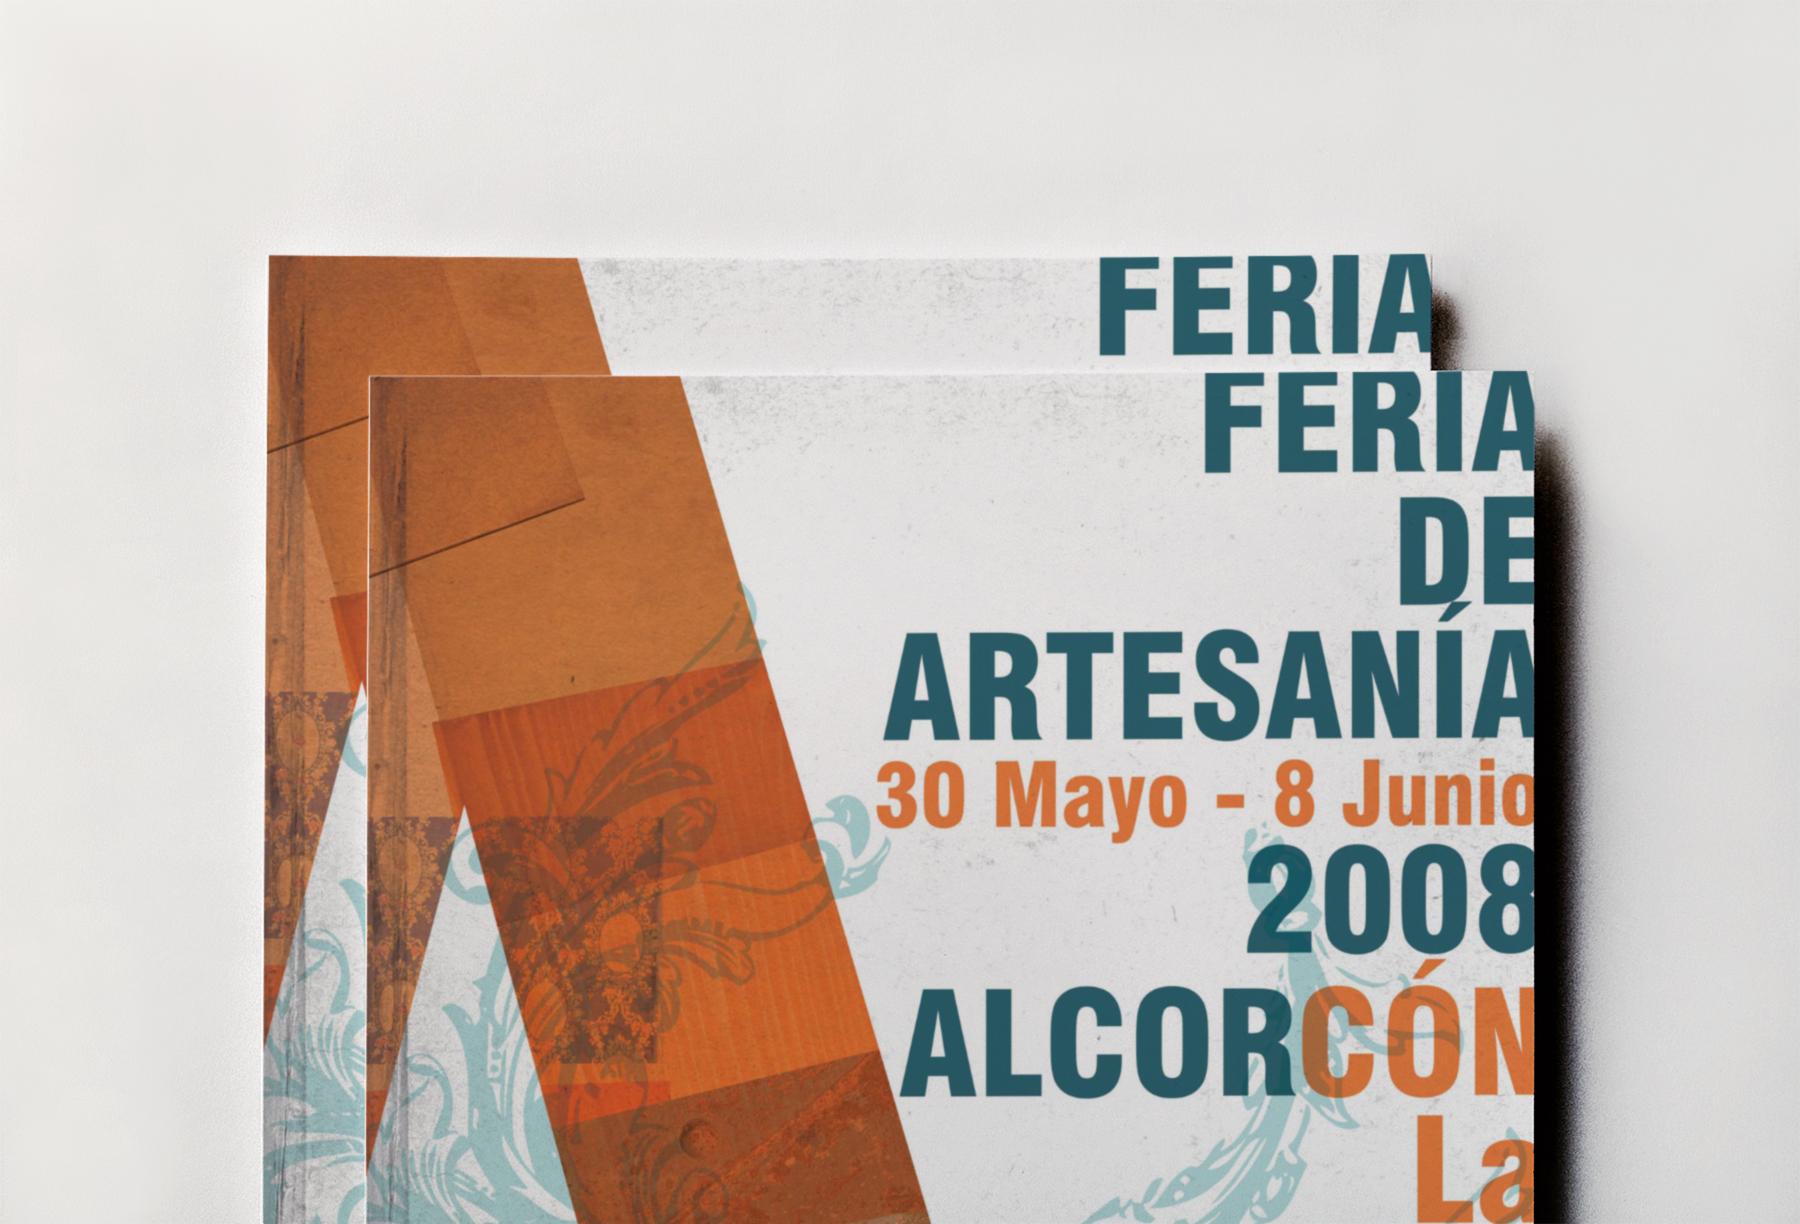 feria_libro07_02